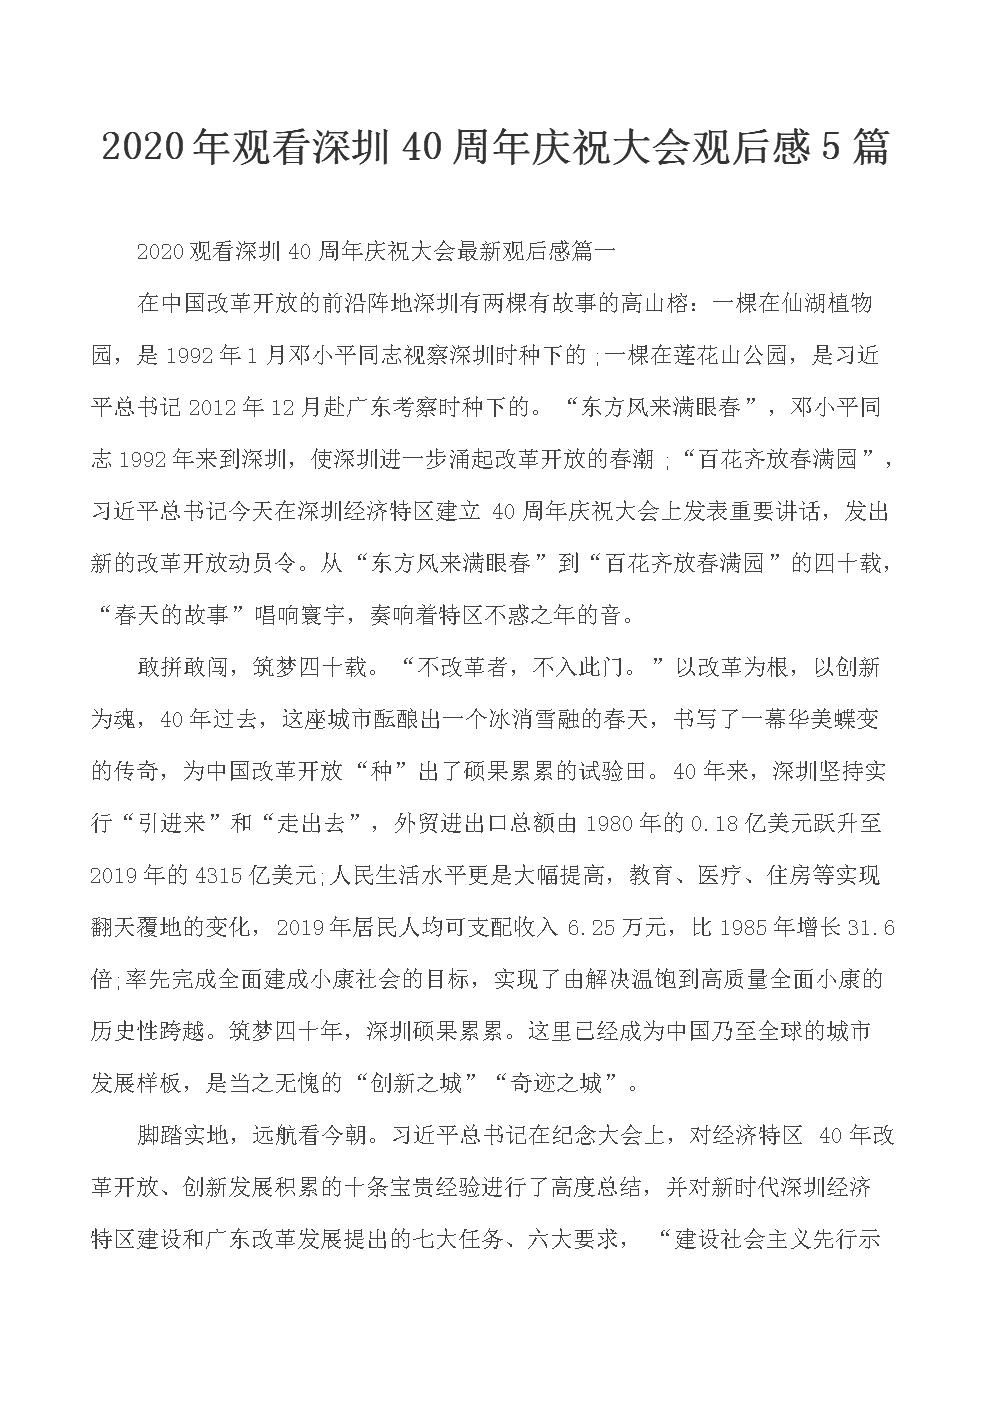 2020年观看深圳40周年庆祝大会观后感5篇.docx